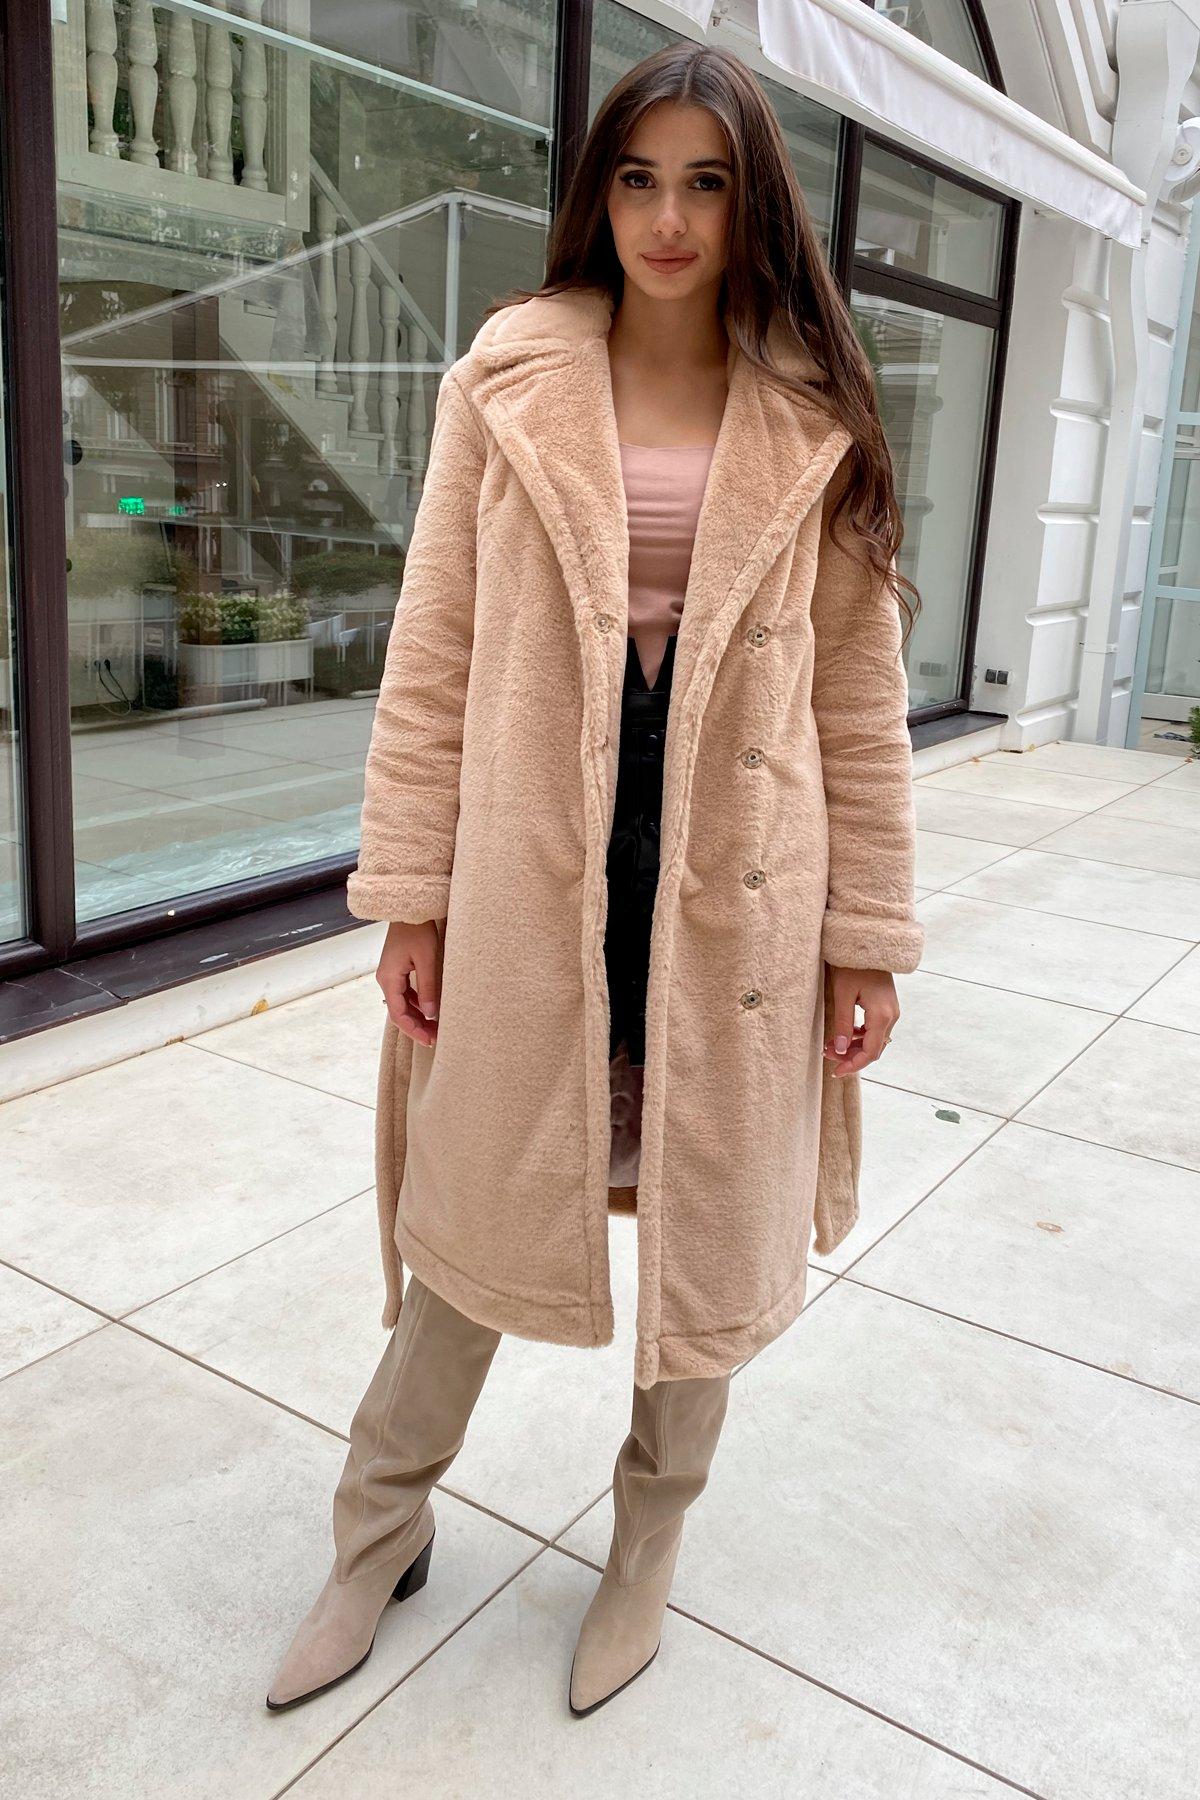 Зимнее пальто из искусственного меха норки Саманта 8641 АРТ. 44956 Цвет: Бежевый - фото 1, интернет магазин tm-modus.ru